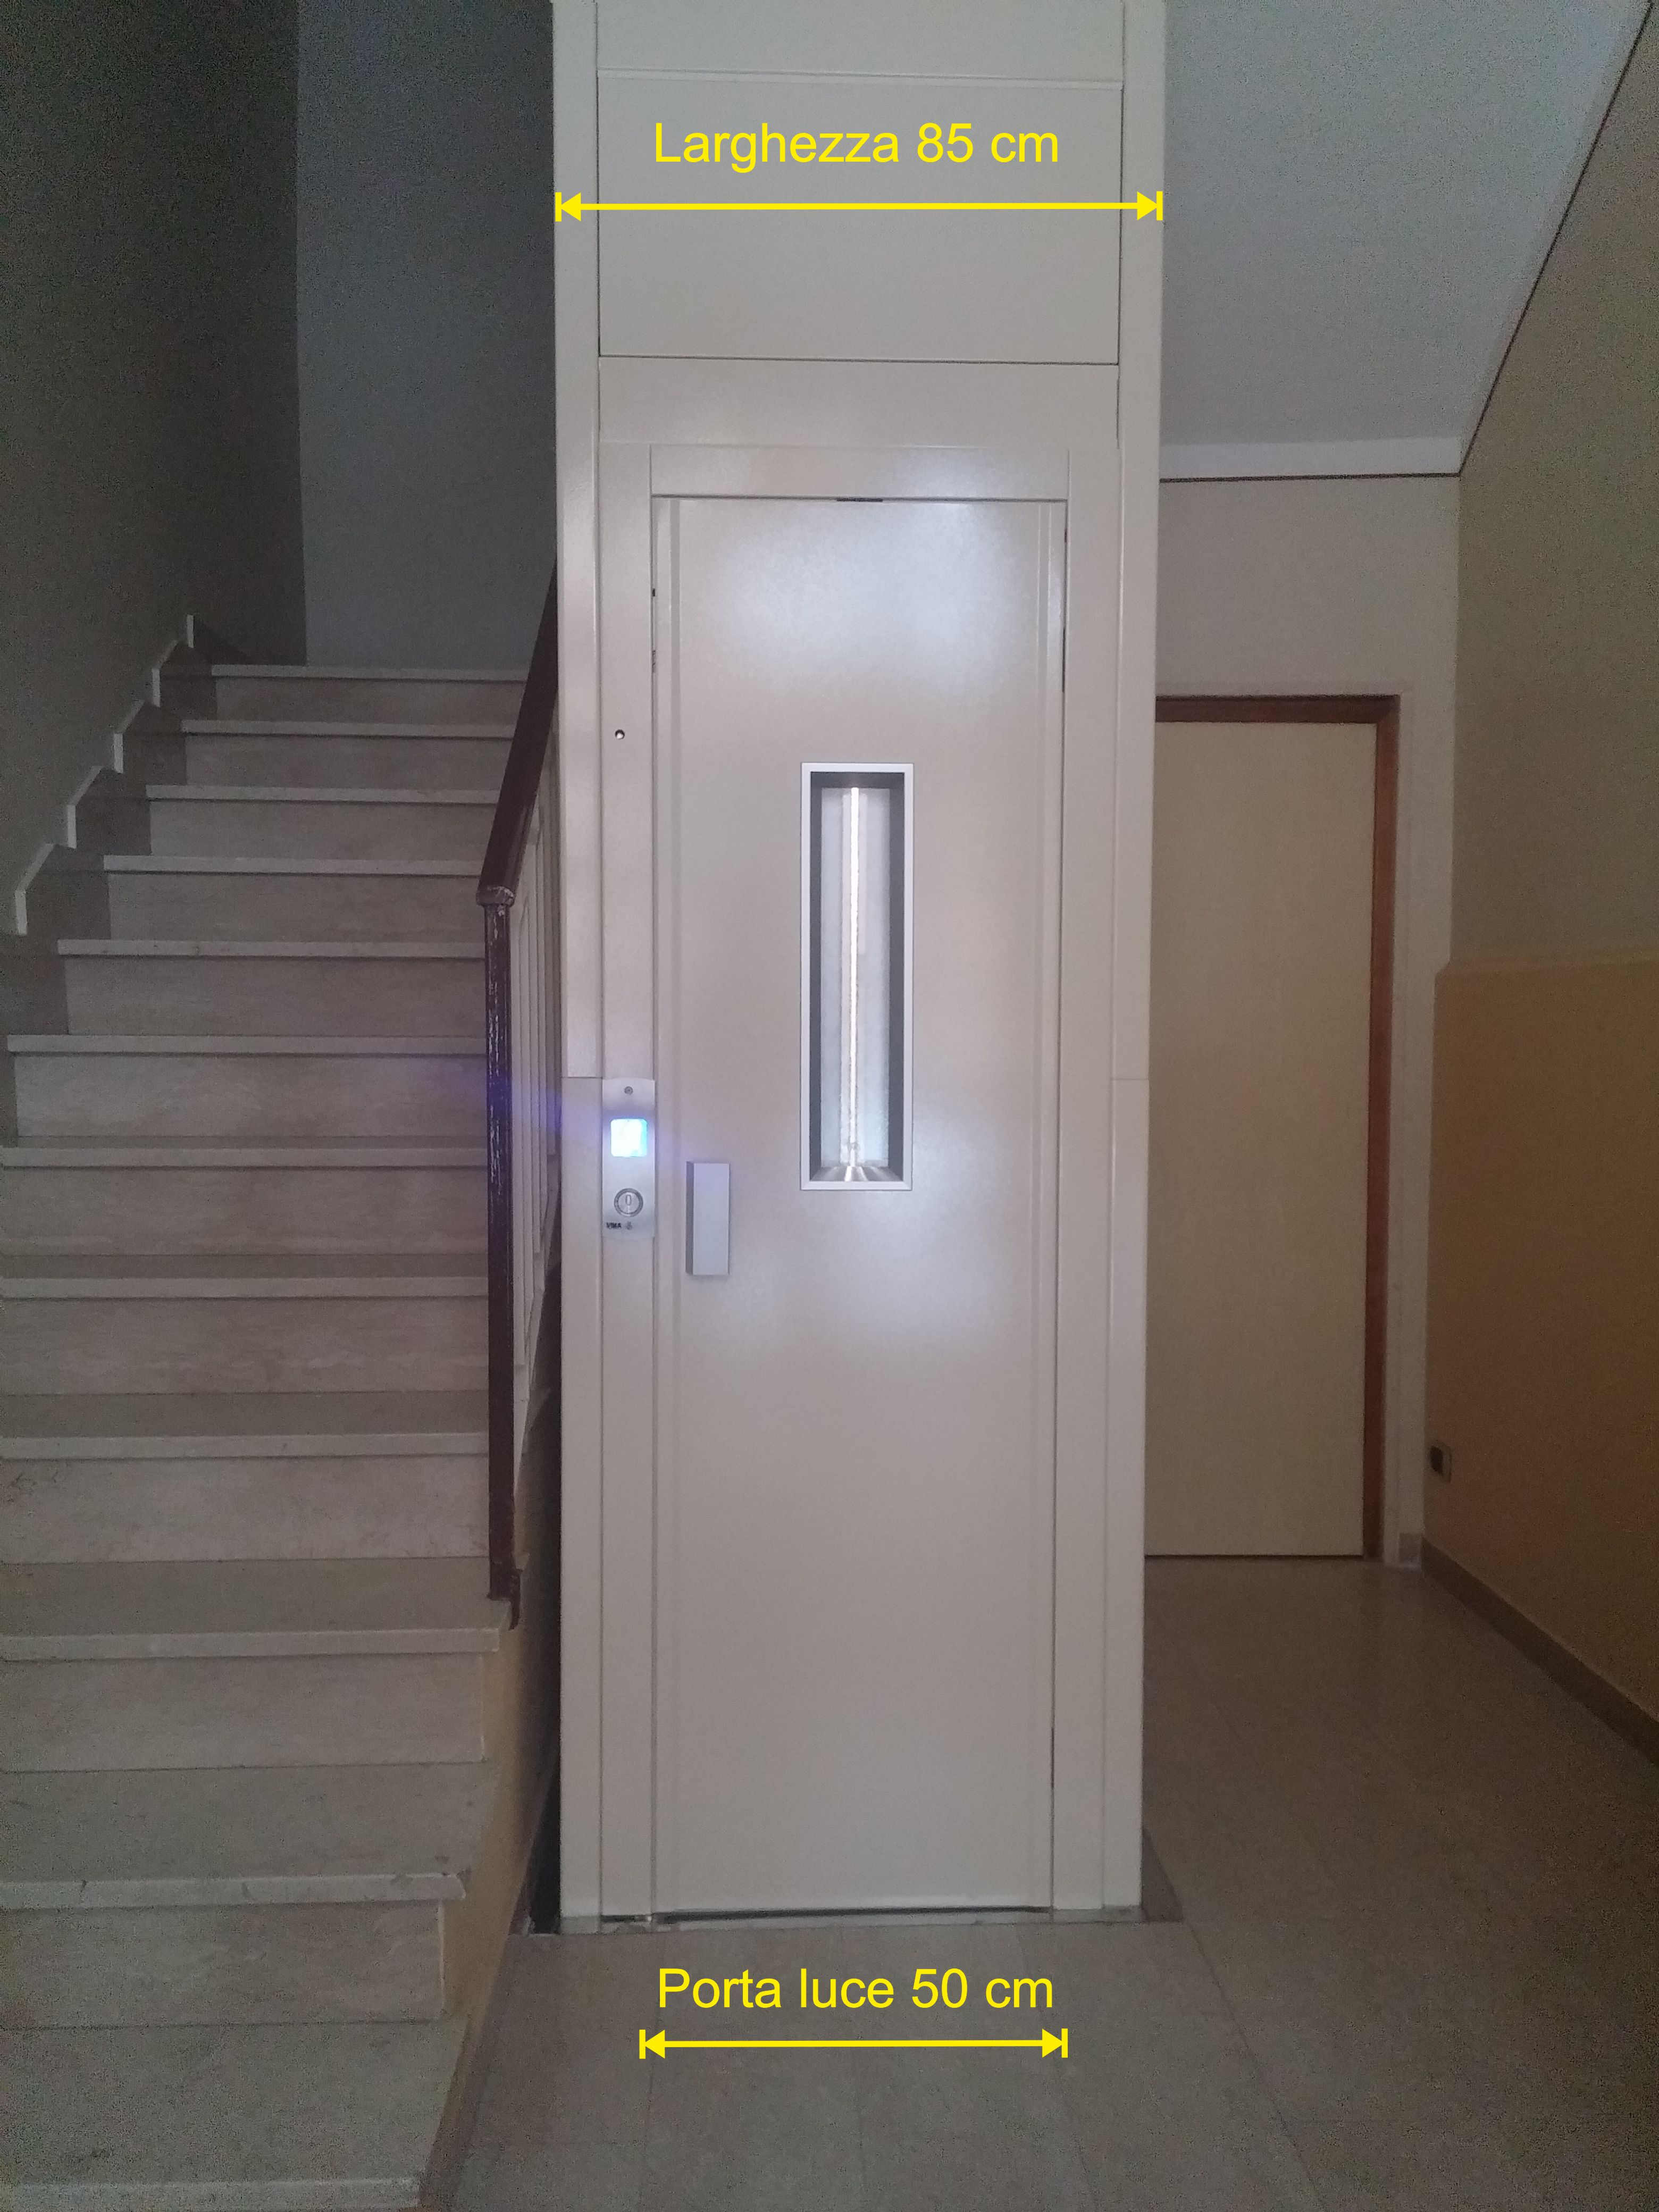 Ascensore interno di dimensioni ridotte for Dimensioni ascensore